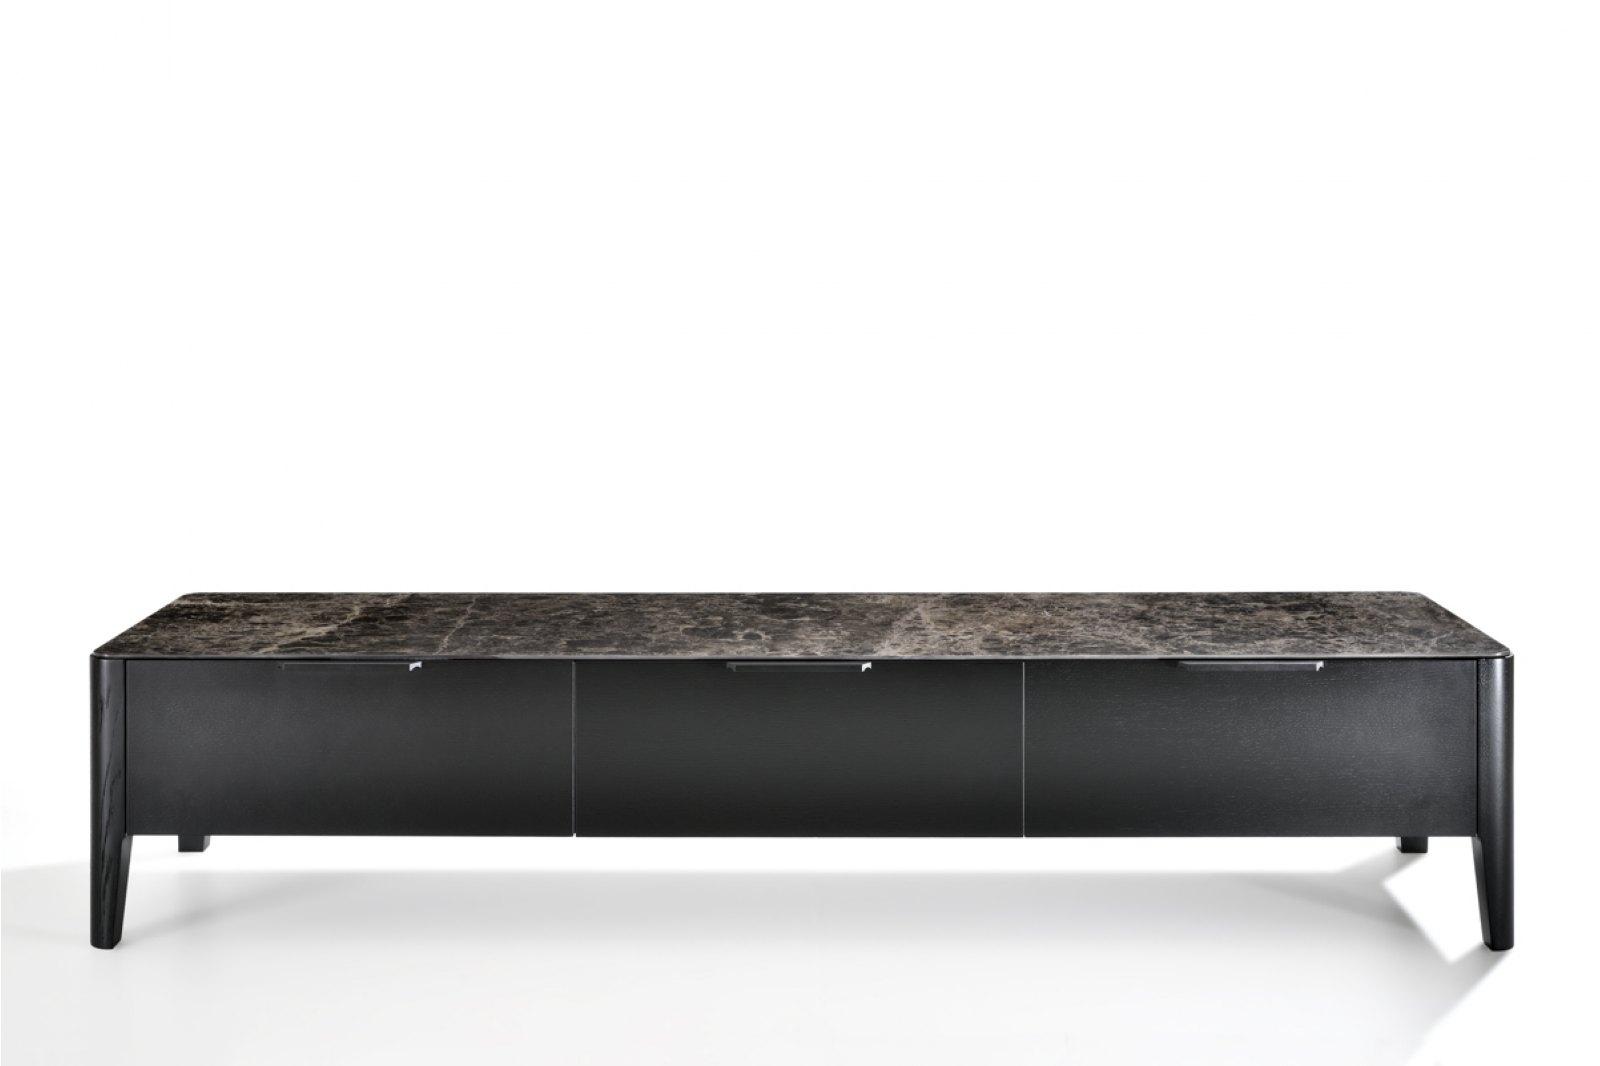 Alba TV Media Unit, Marble-effect Ceramic Top  / 1